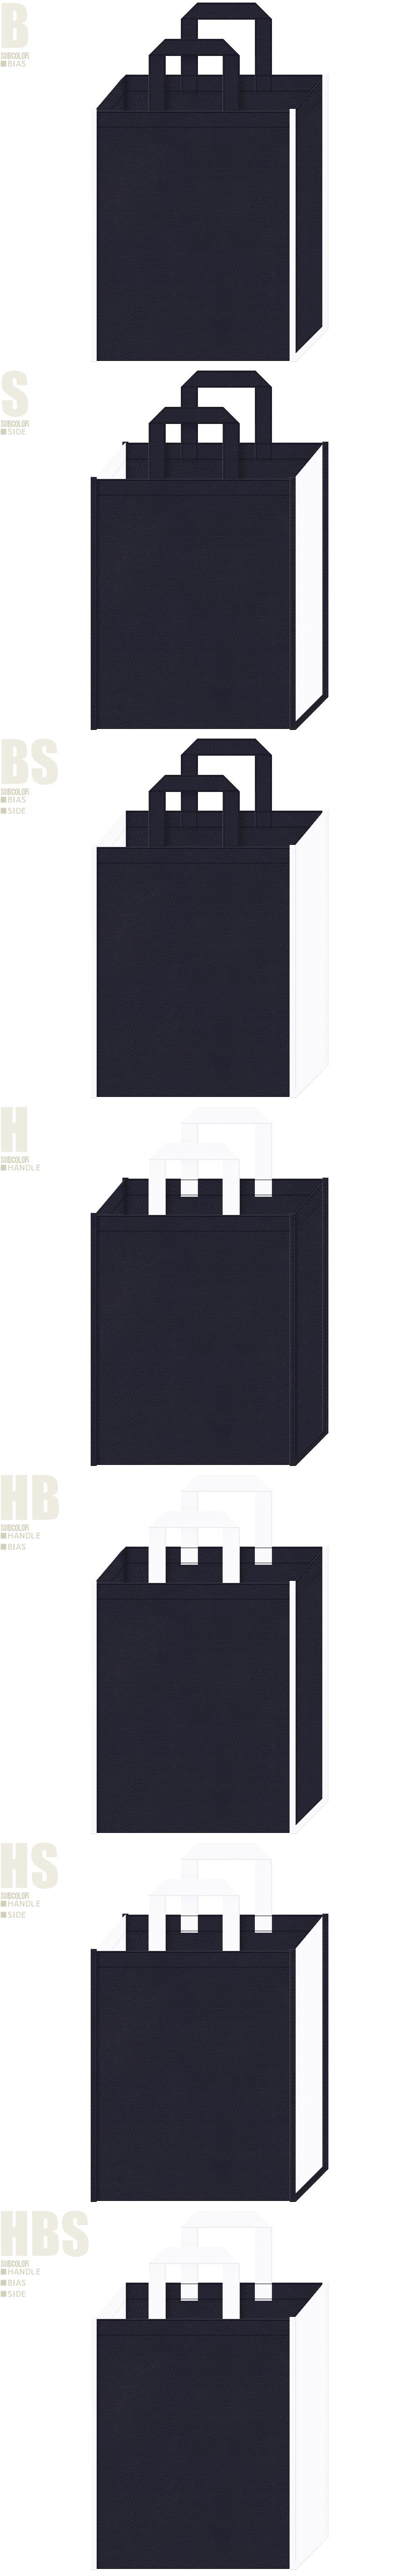 マリンスポットのバッグノベルティにお奨めの、濃紺色と白色-7パターンの不織布トートバッグ配色デザイン例